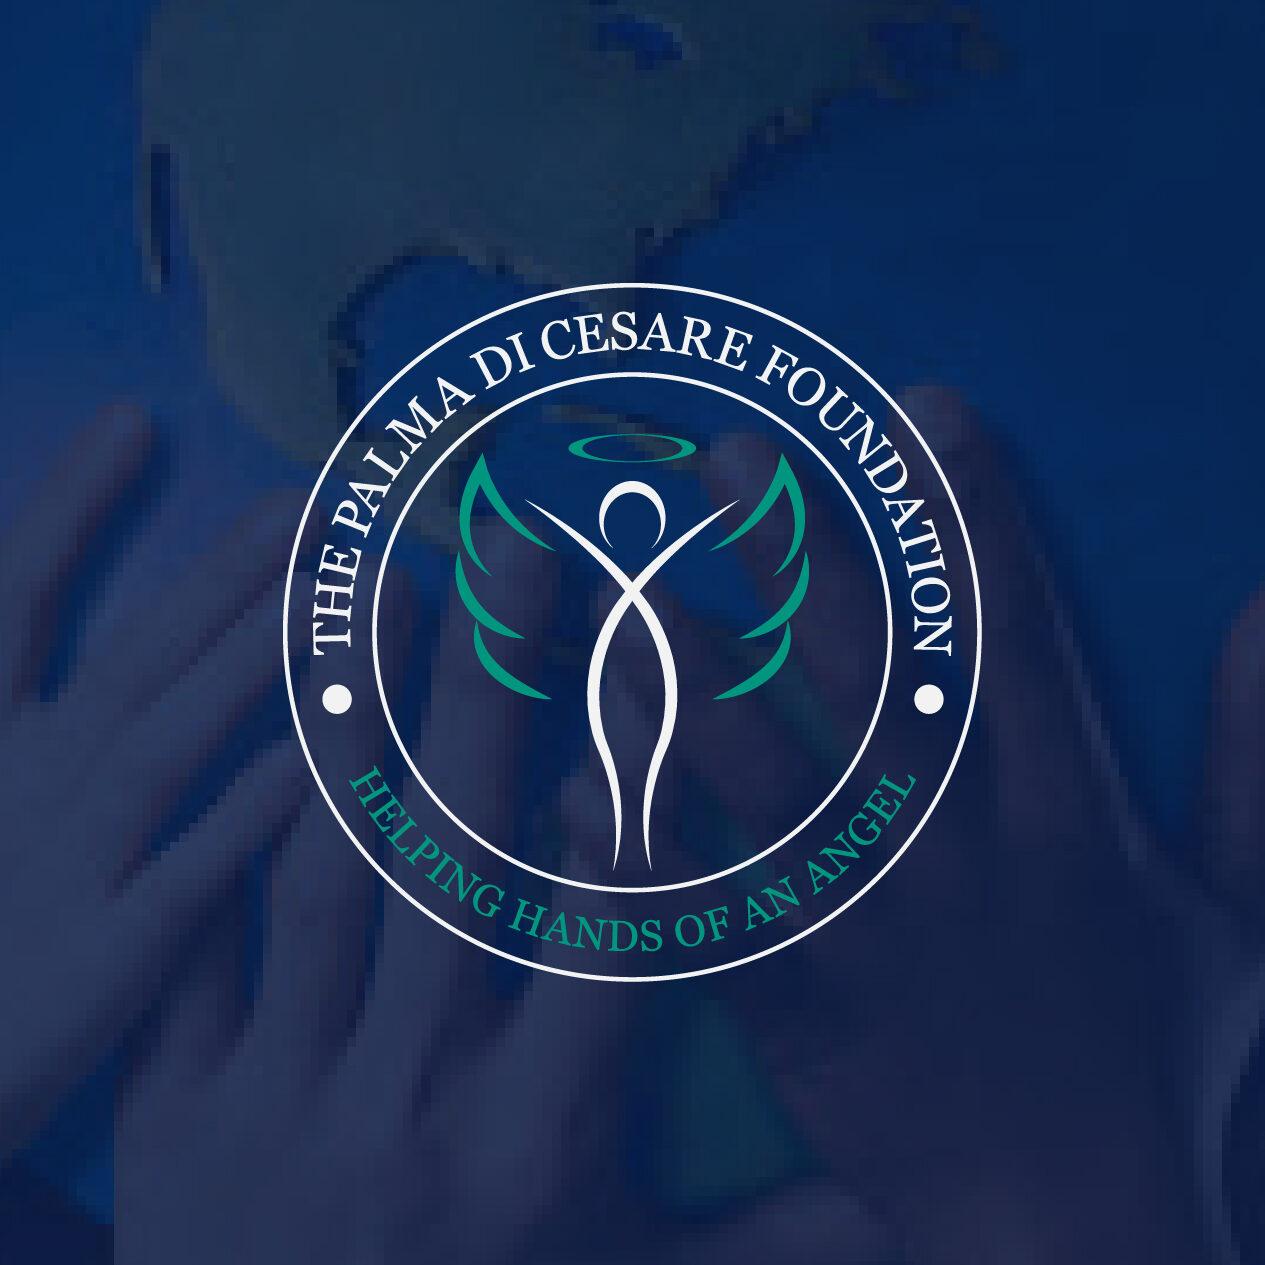 The Palma Di Cesare Foundation jpeg